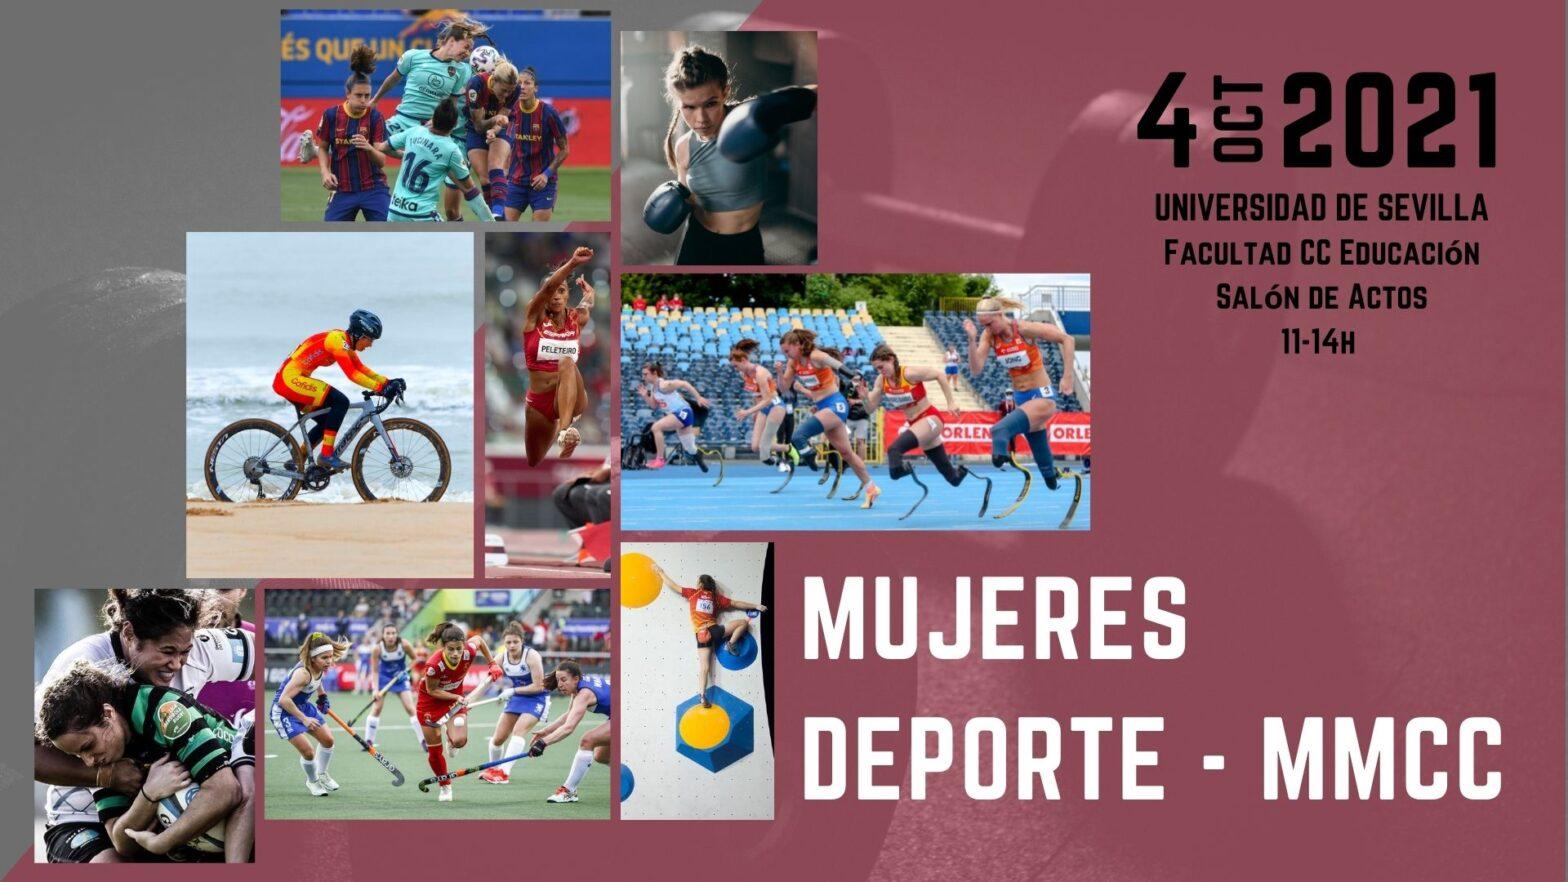 Mujeres, Deporte y Medios de Comunicación (puedes seguir en Streaming)